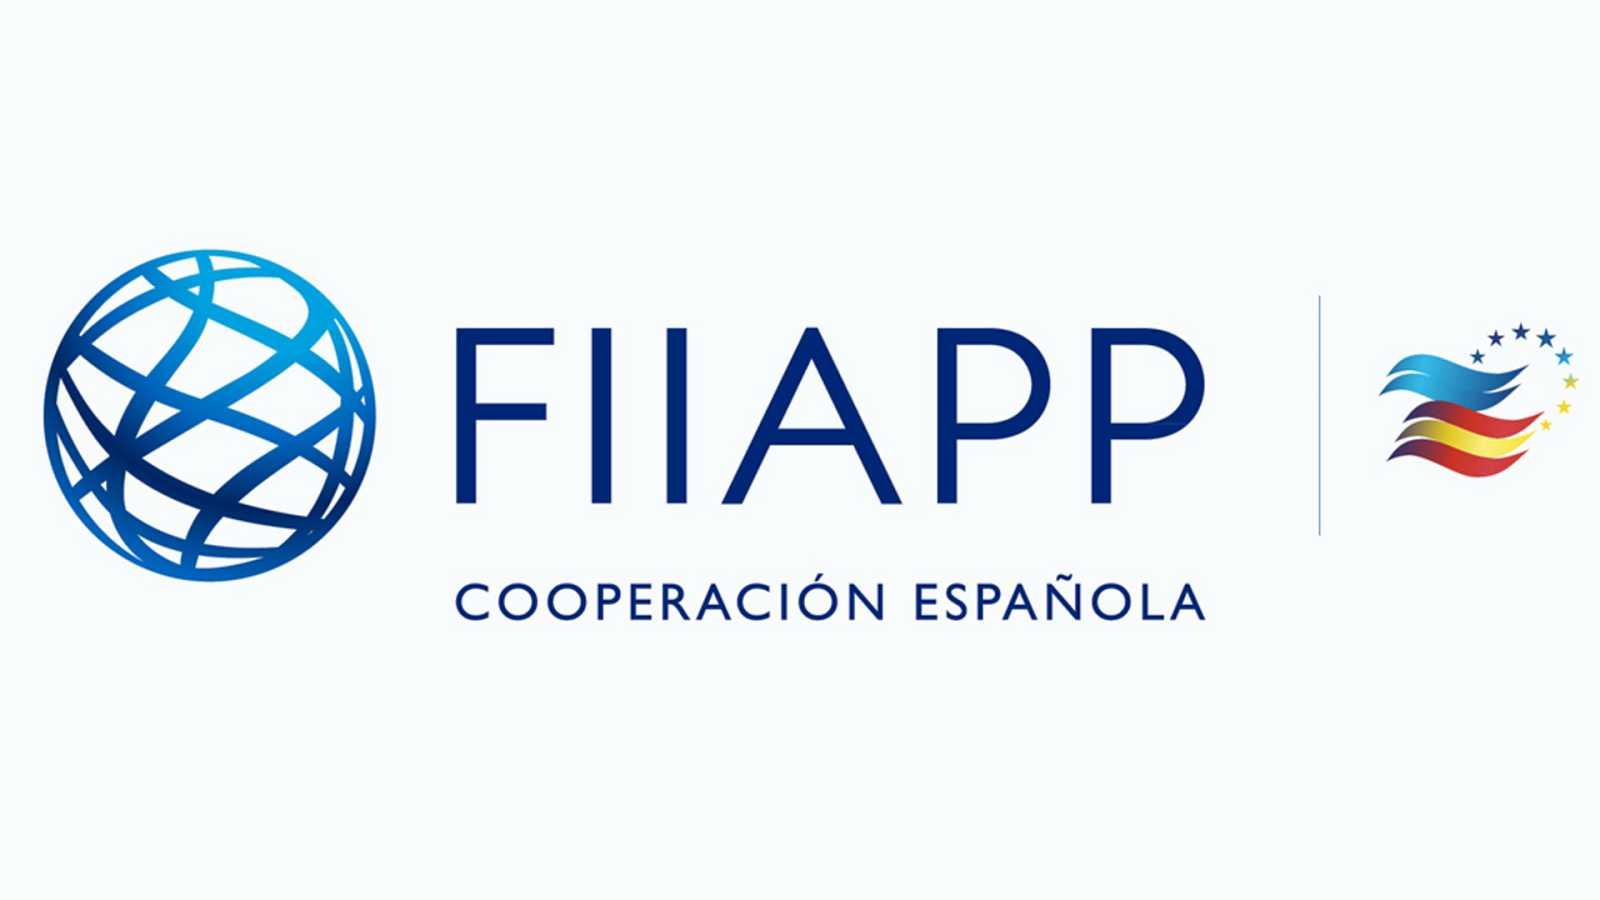 Cooperación pública en el mundo (FIIAPP) - Euroclima+ y la Meteorología - 15/07/20 - escuchar ahora